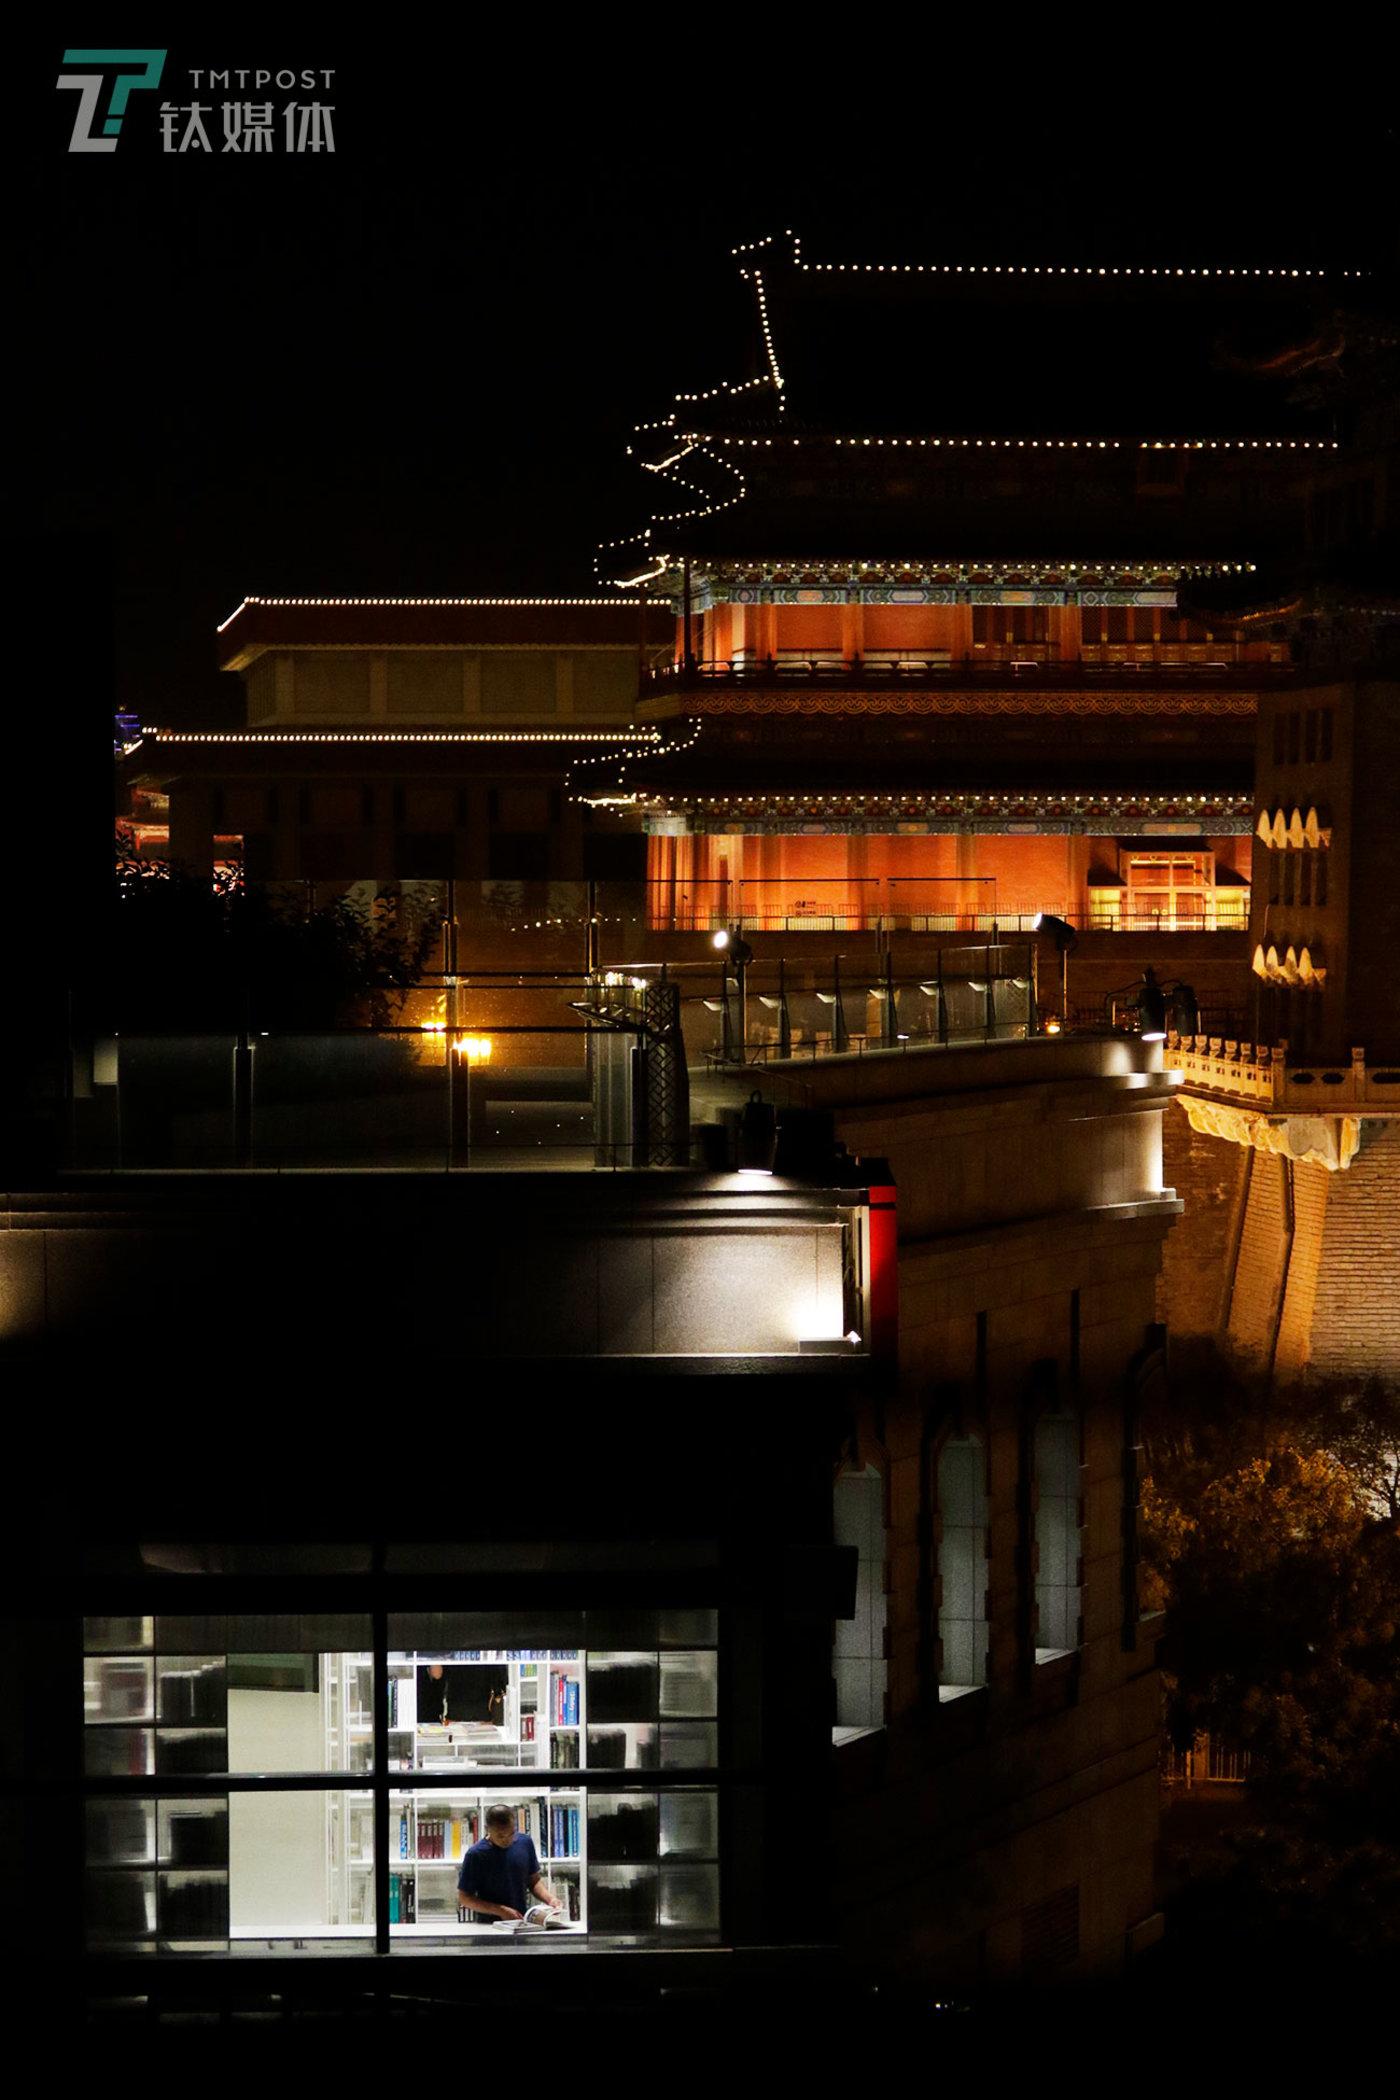 【过去与现在】9月8日,北京前门北京坊商业区,PAGEONE书店。